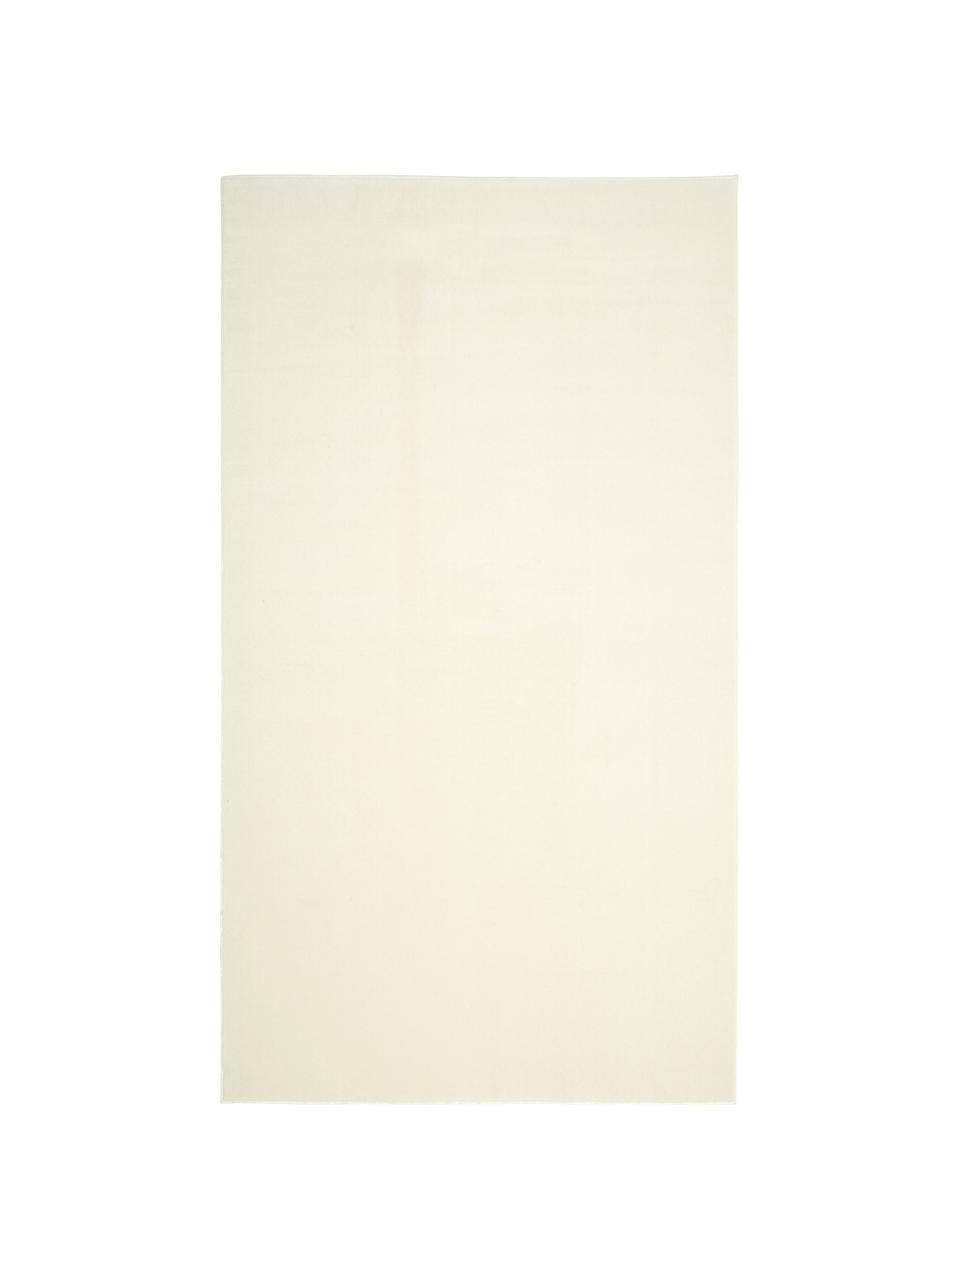 Wollen vloerkleed Ida in beige, Bovenzijde: 100% wol, Onderzijde: 60% jute, 40% polyester B, Beige, B 160 x L 230 cm (maat M)